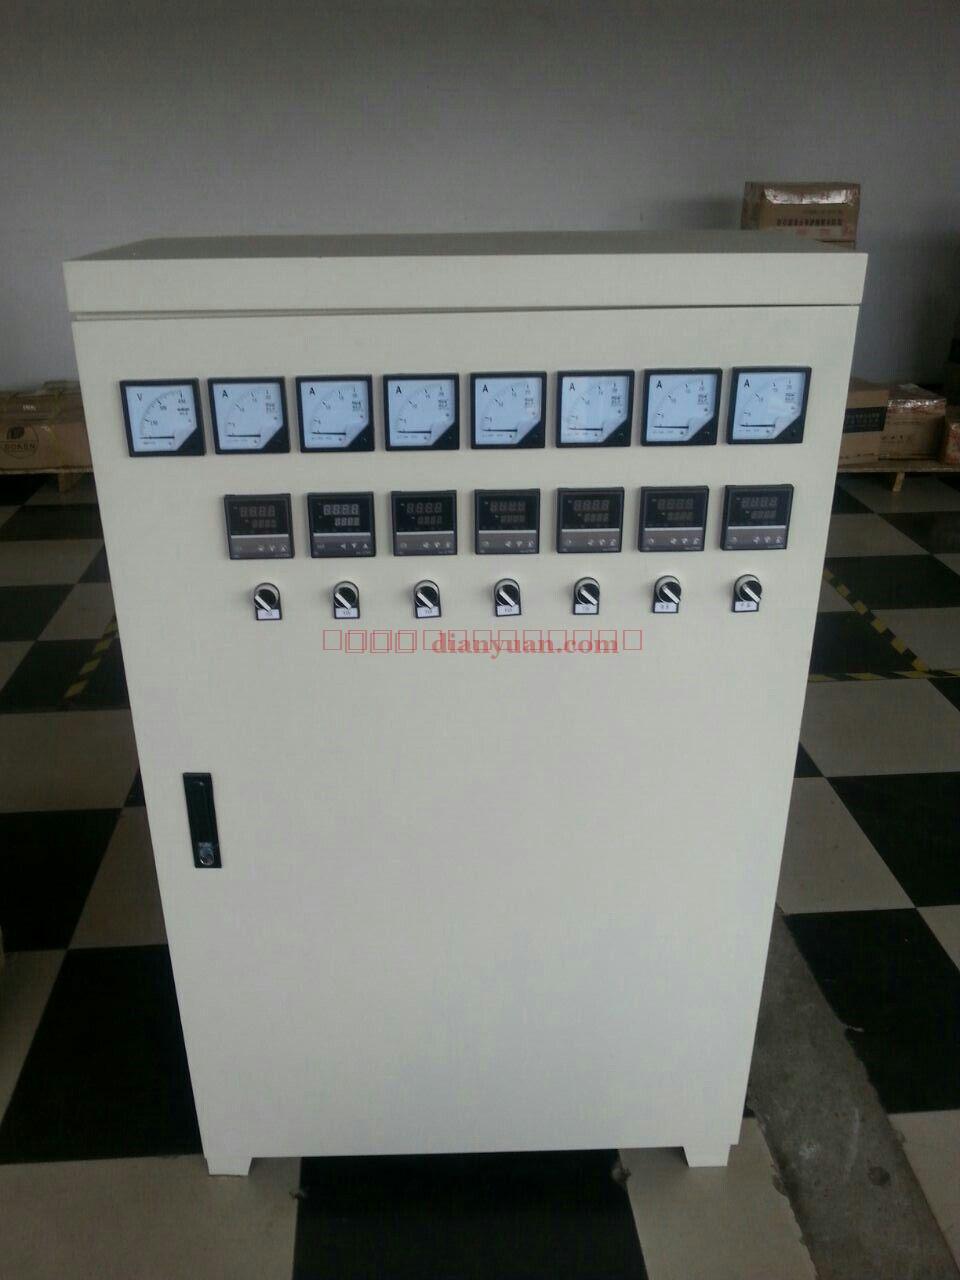 [产品介绍]: 产品电气规格:额定电压频率:380VAC 50Hz /60Hz 电压适应范围:350V-410V 额定功率:根据工件加温要求 工作频率:12-28KHz 最佳段15-22KHz 安全工作环境温度:-20-45; 工作湿度:95% 热效率95% 基本性能概述 :有软启动功能,在频繁启动的情况下,安全可靠,使用寿命长 有缺相保护功能 有IGBT过流保护功能 有IGBT过温保护功能 有加热线圈短路保护功能 半桥串联谐振电路拓扑,抗干扰能力强 采用高性能IGBT驱动模块驱动 自动识别负载及锁